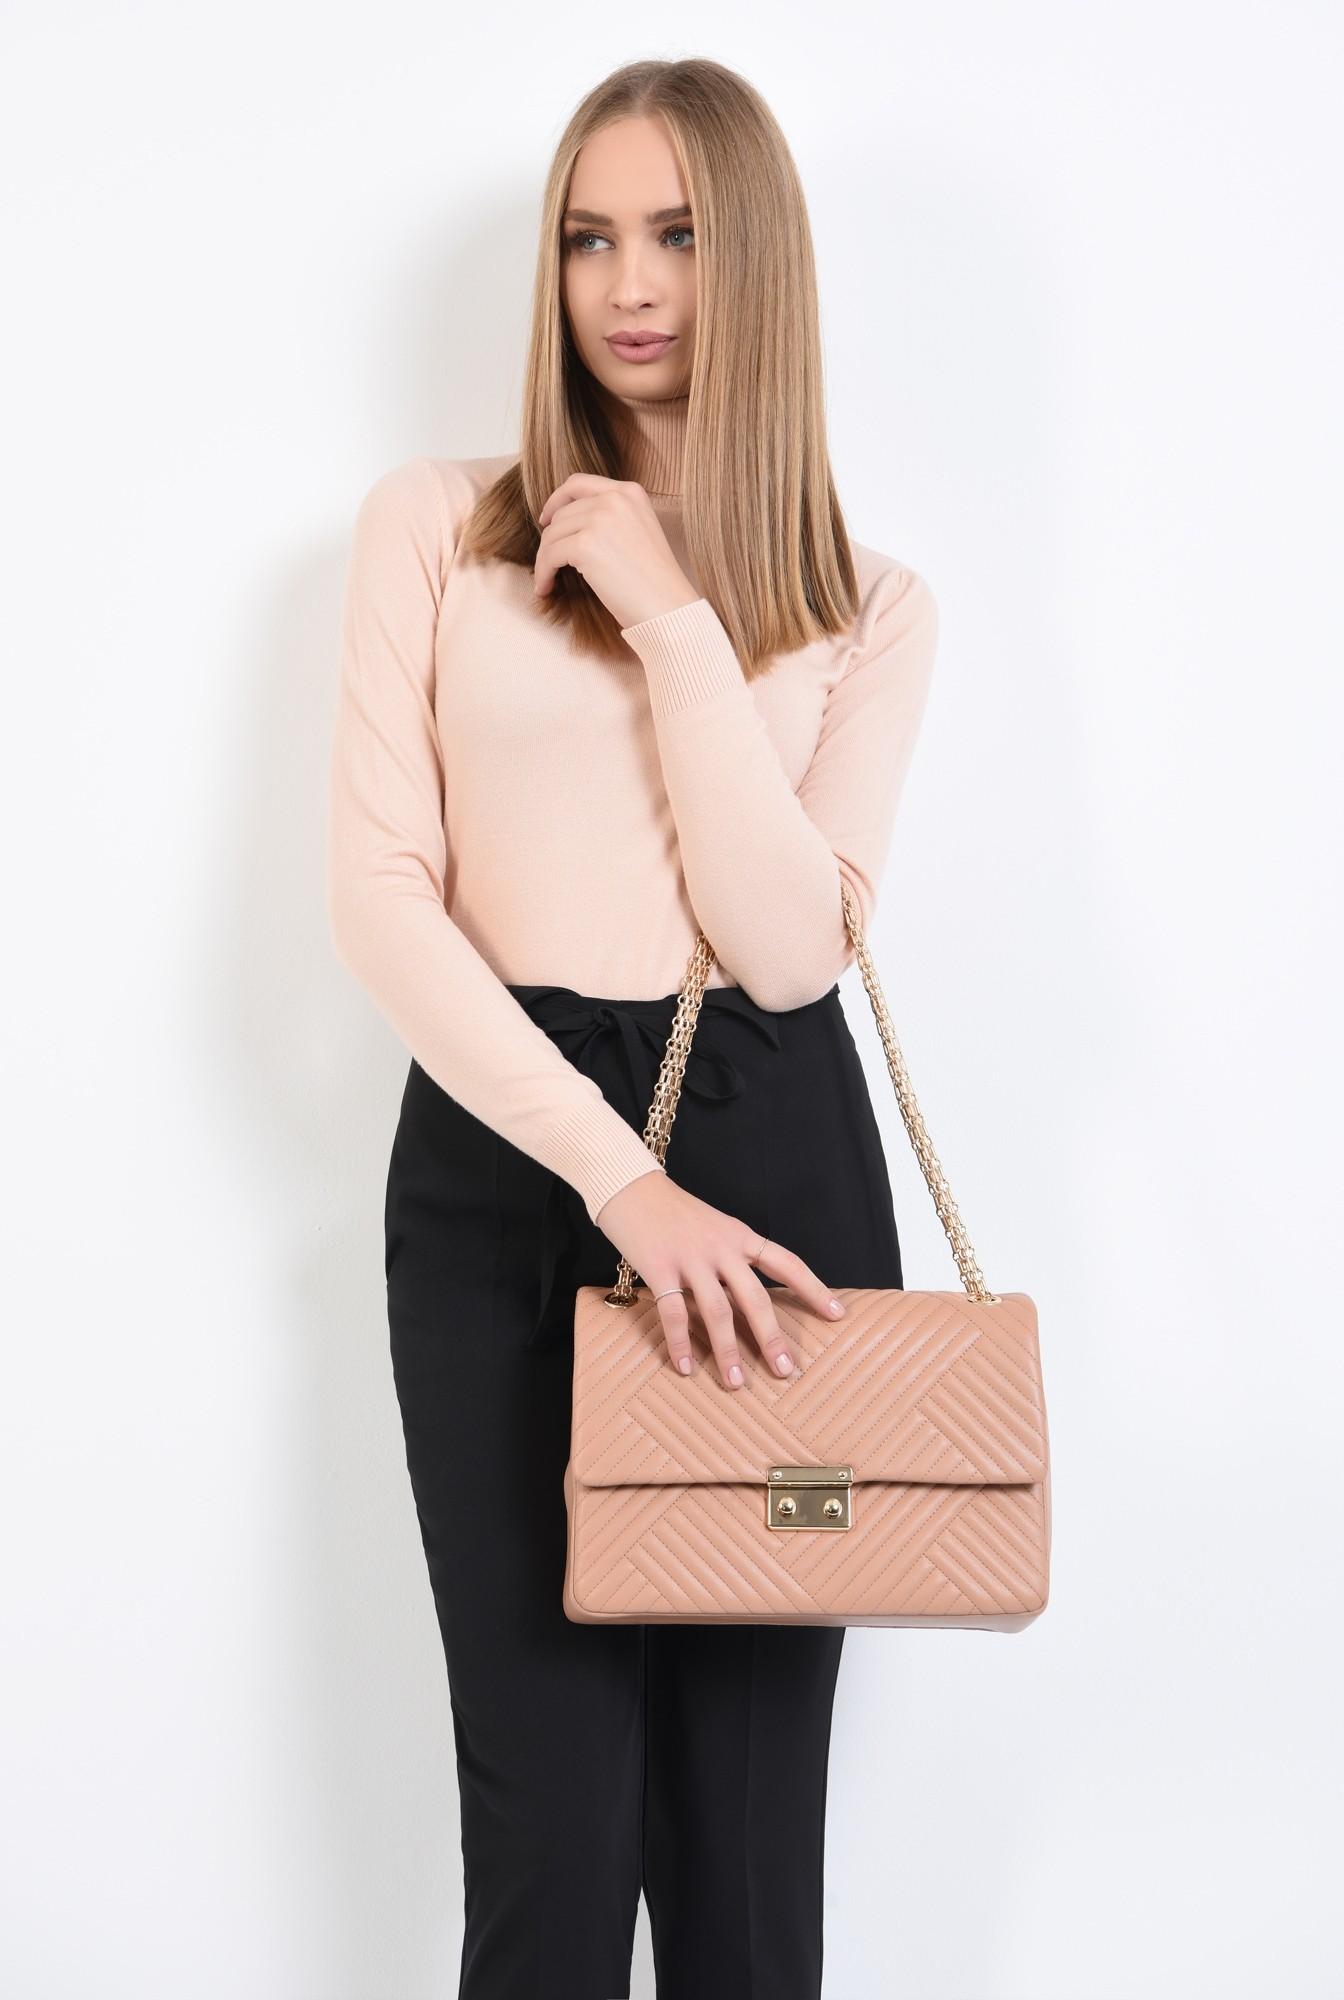 3 - geanta din piele ecologica, roz nude, cu lant, detalii metalice aurii, geanta de umar